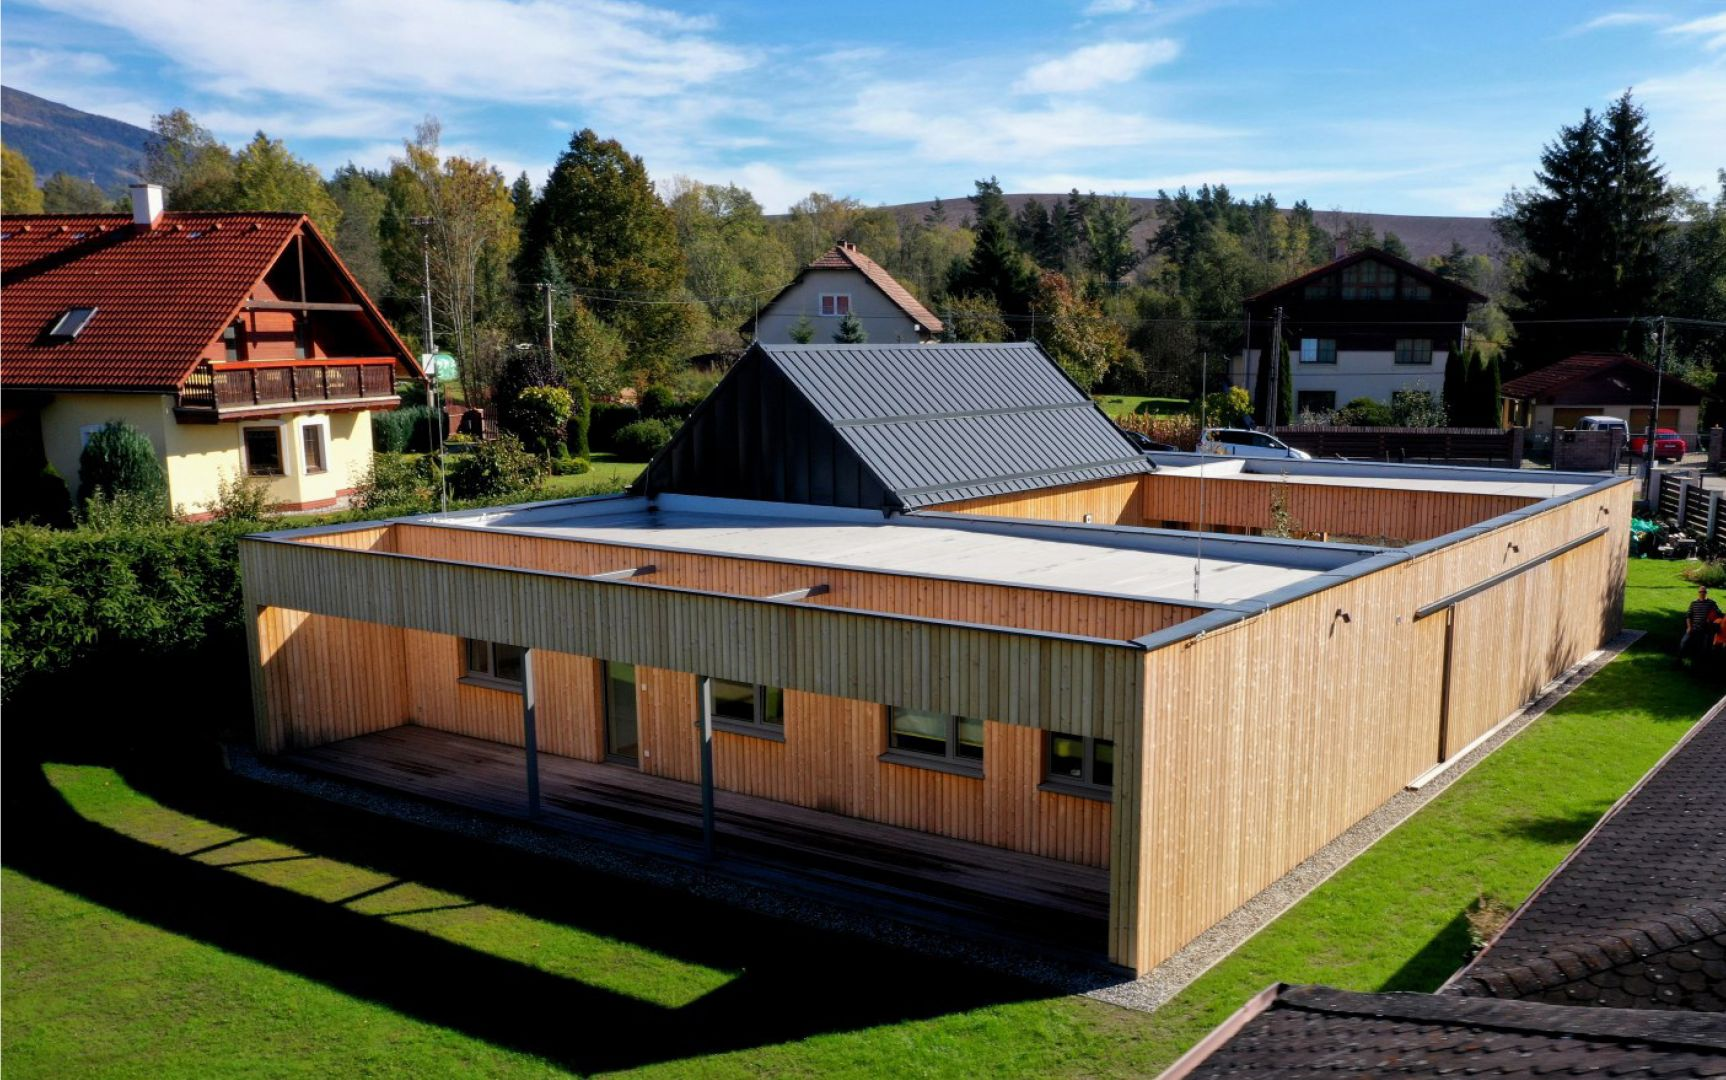 Súťaž staviteľov drevodomov – Drevostavba roka 2019 bola vyhodnotená len odbornou porotou, 2 Rekreacny dom Smrecany, Kontrakting krov hrou, Zilina